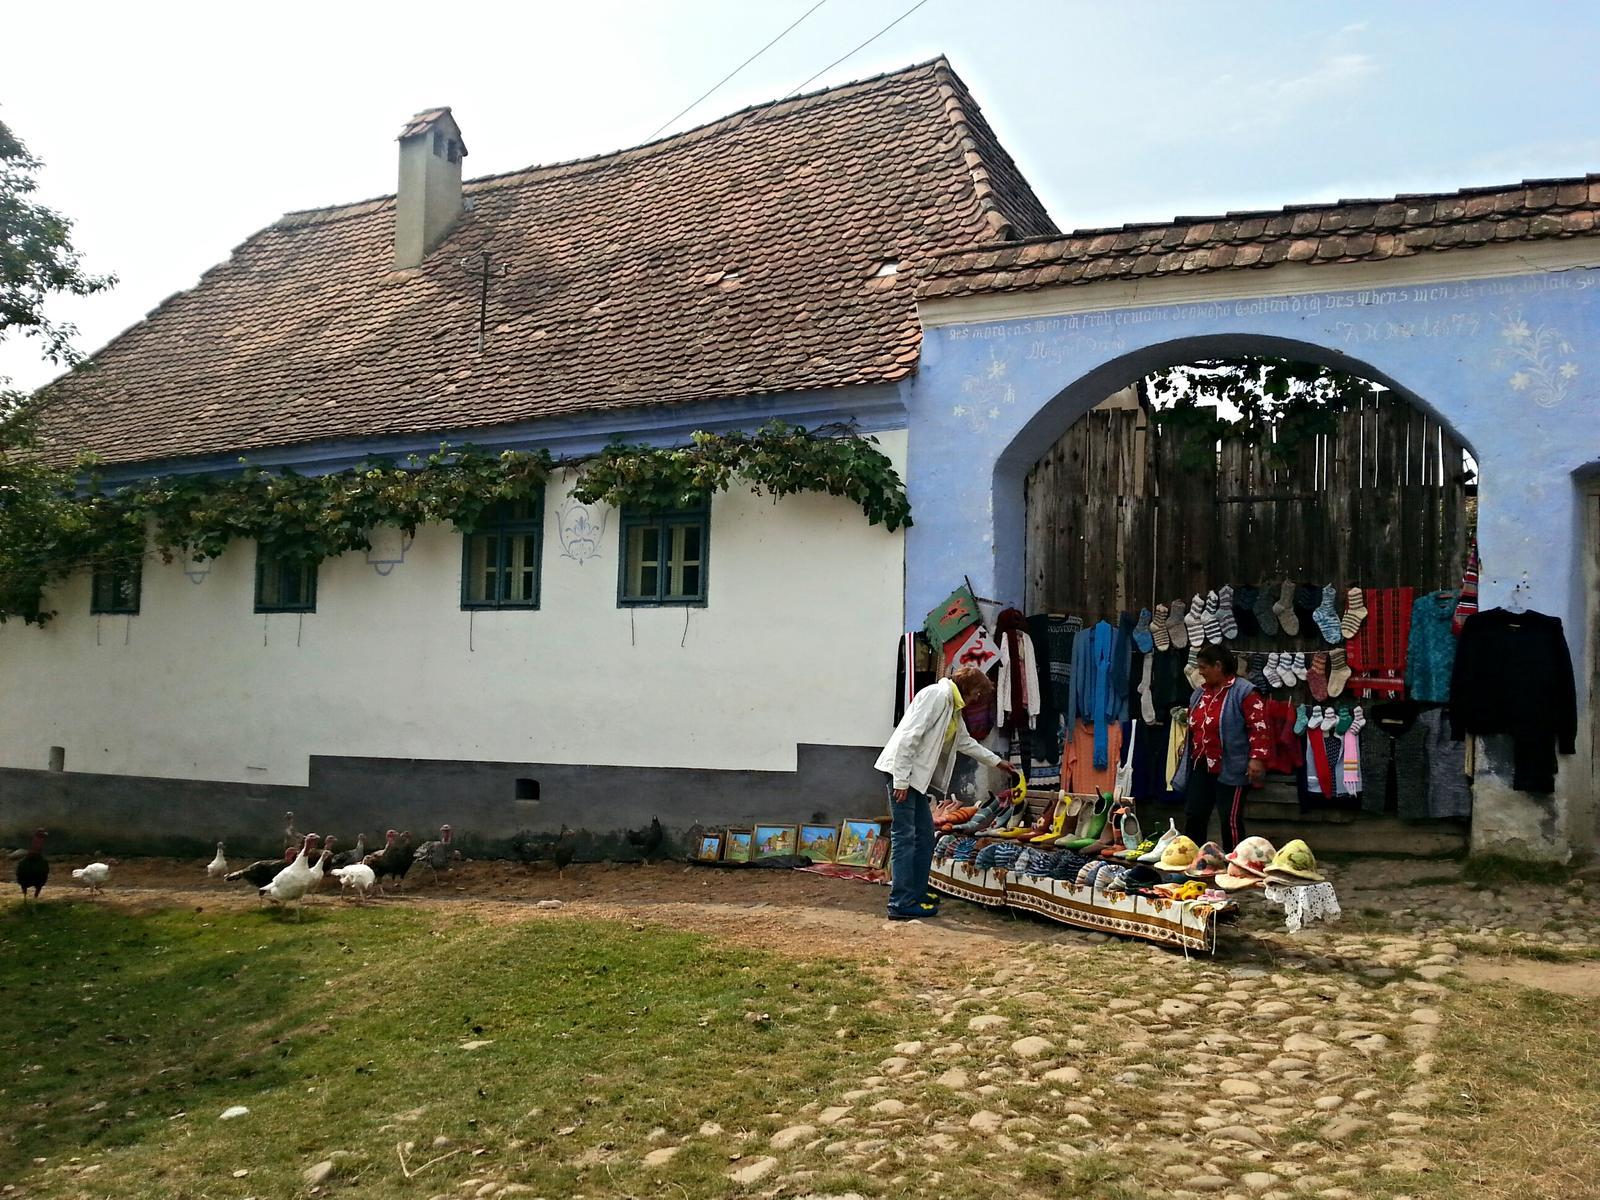 Rumunsko <3 - Obrázok č. 26